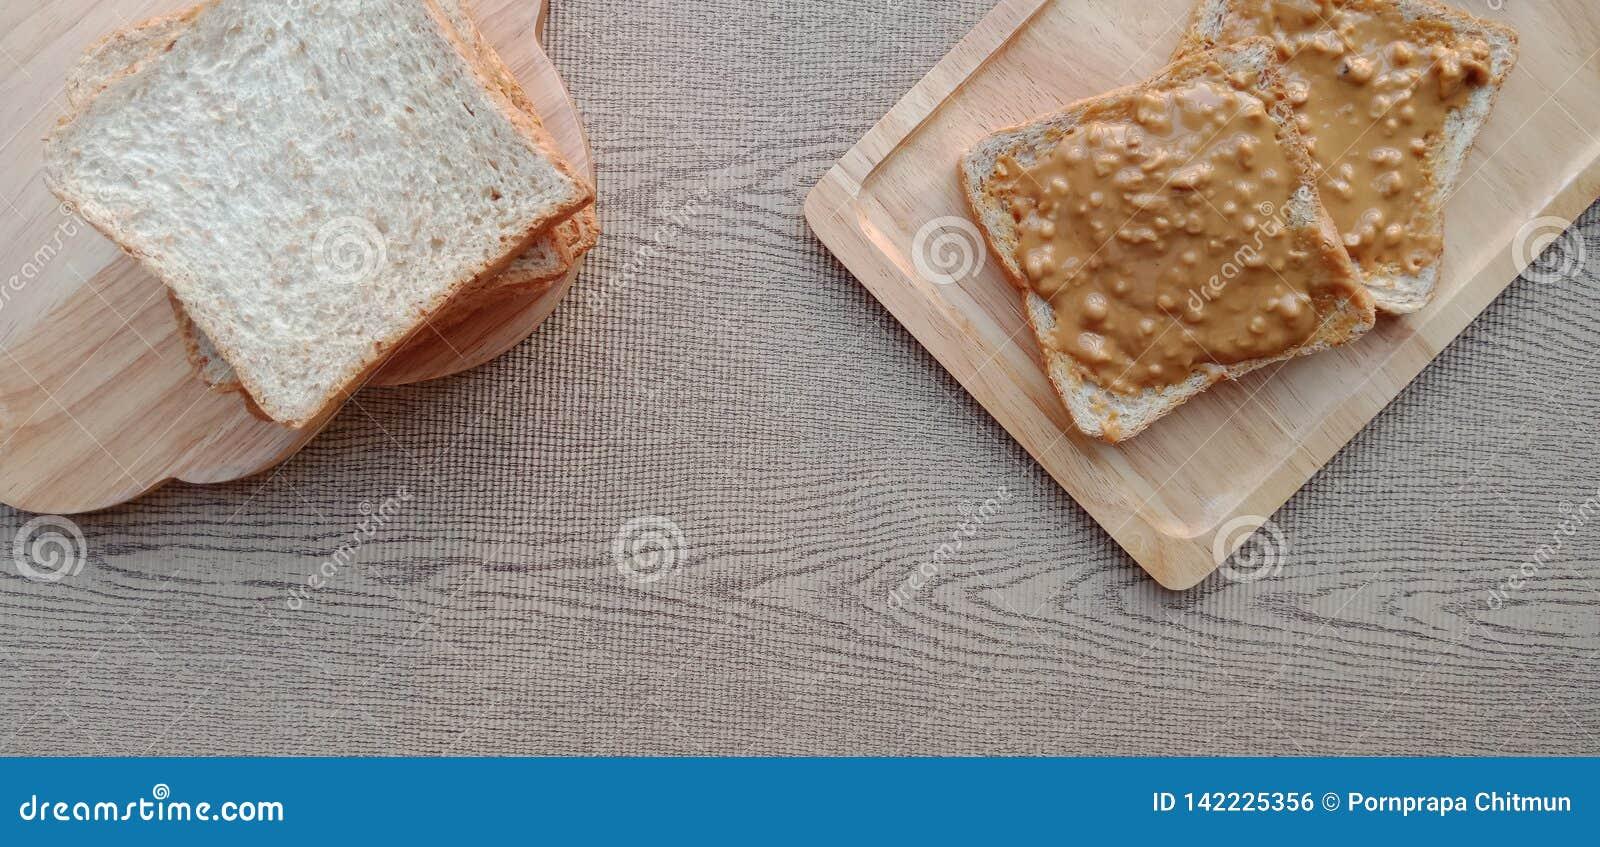 Stapel Vollweizenbrot und etwas Erdnussbutter auf die Oberseite